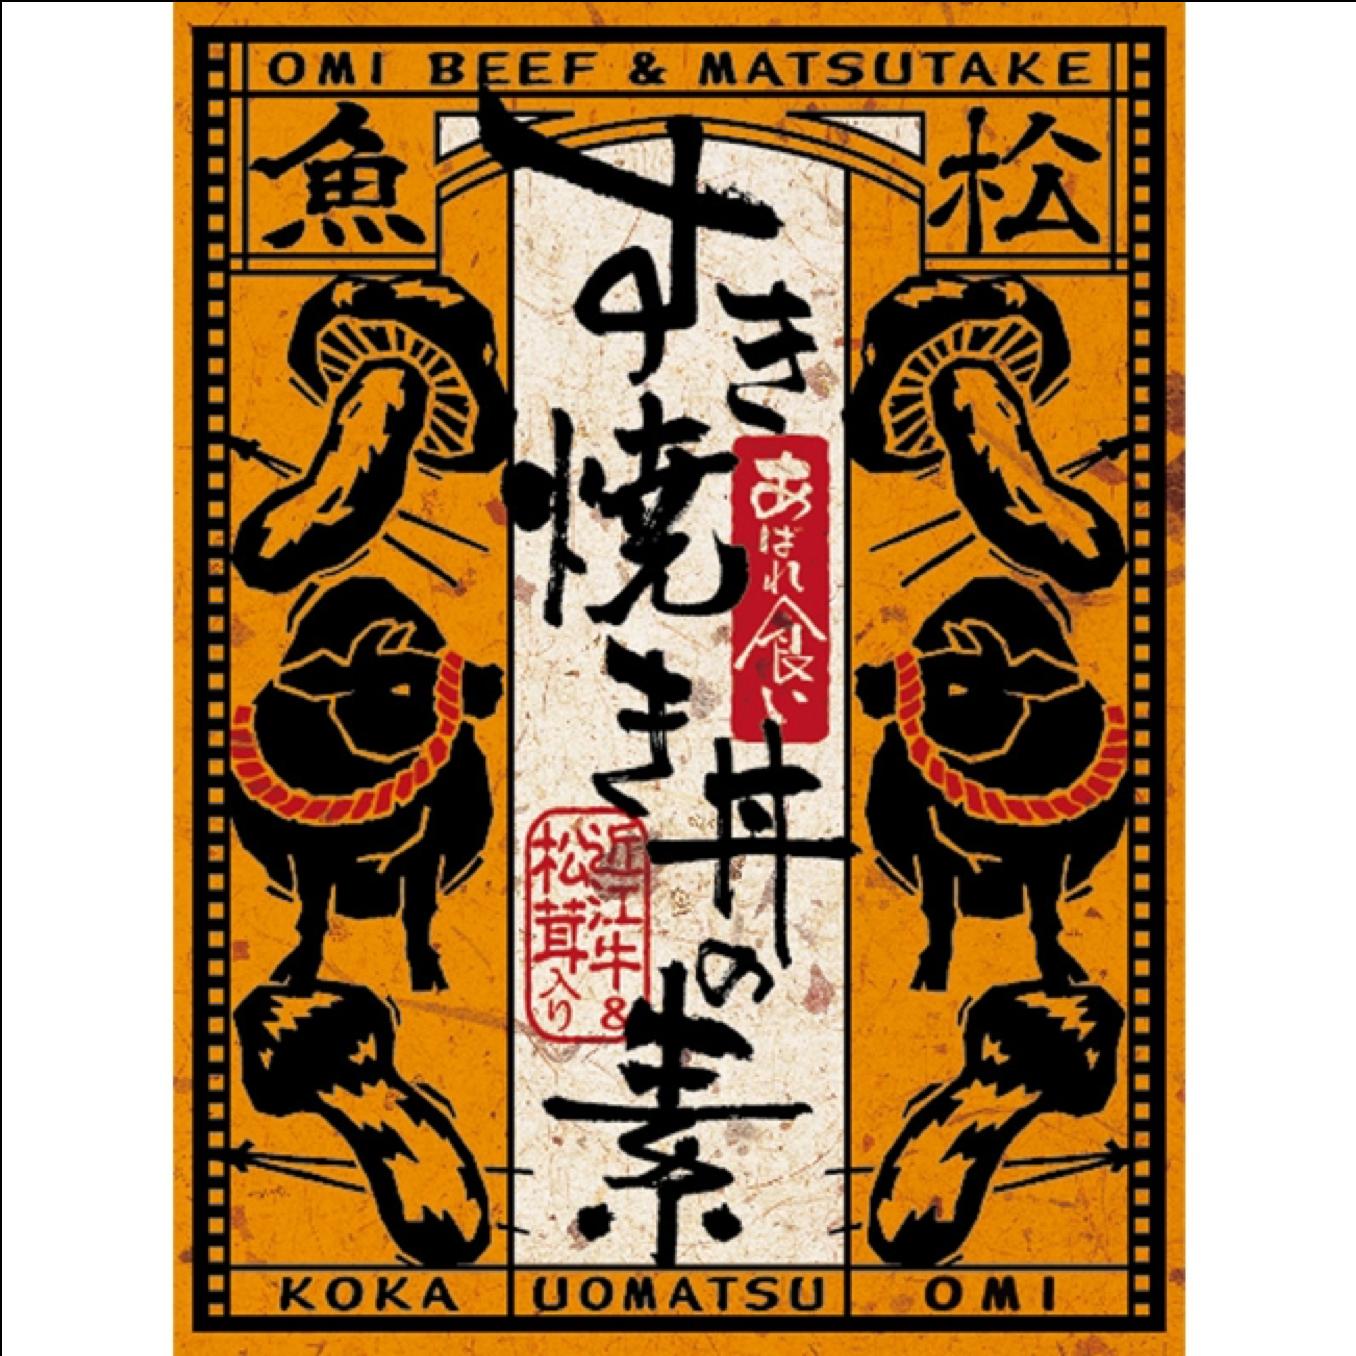 信楽魚松すき焼き丼の素デザイン